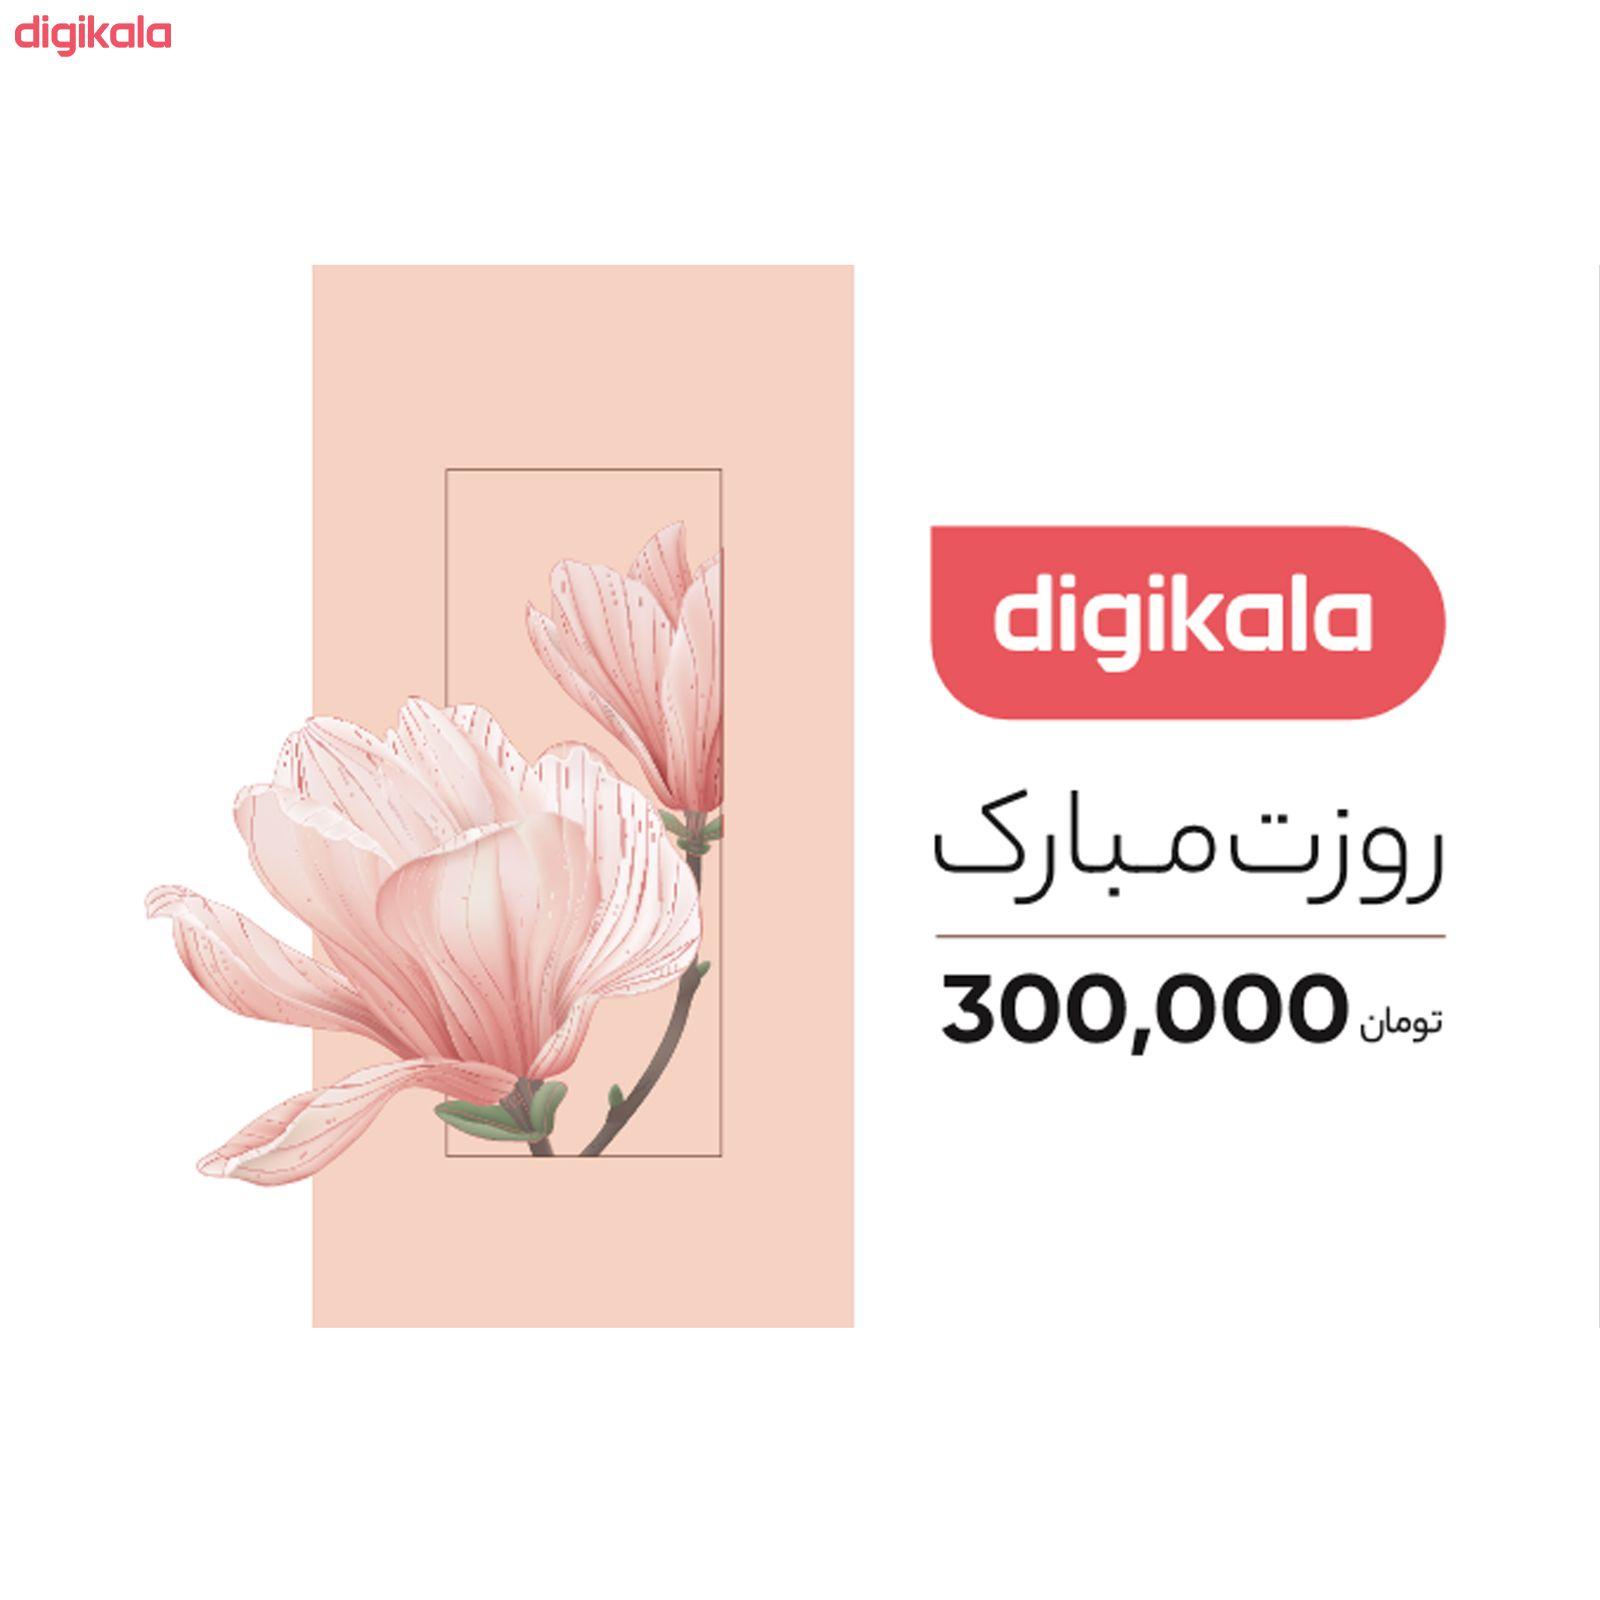 کارت هدیه دیجی کالا به ارزش 300,000 تومان طرح روز زن main 1 1